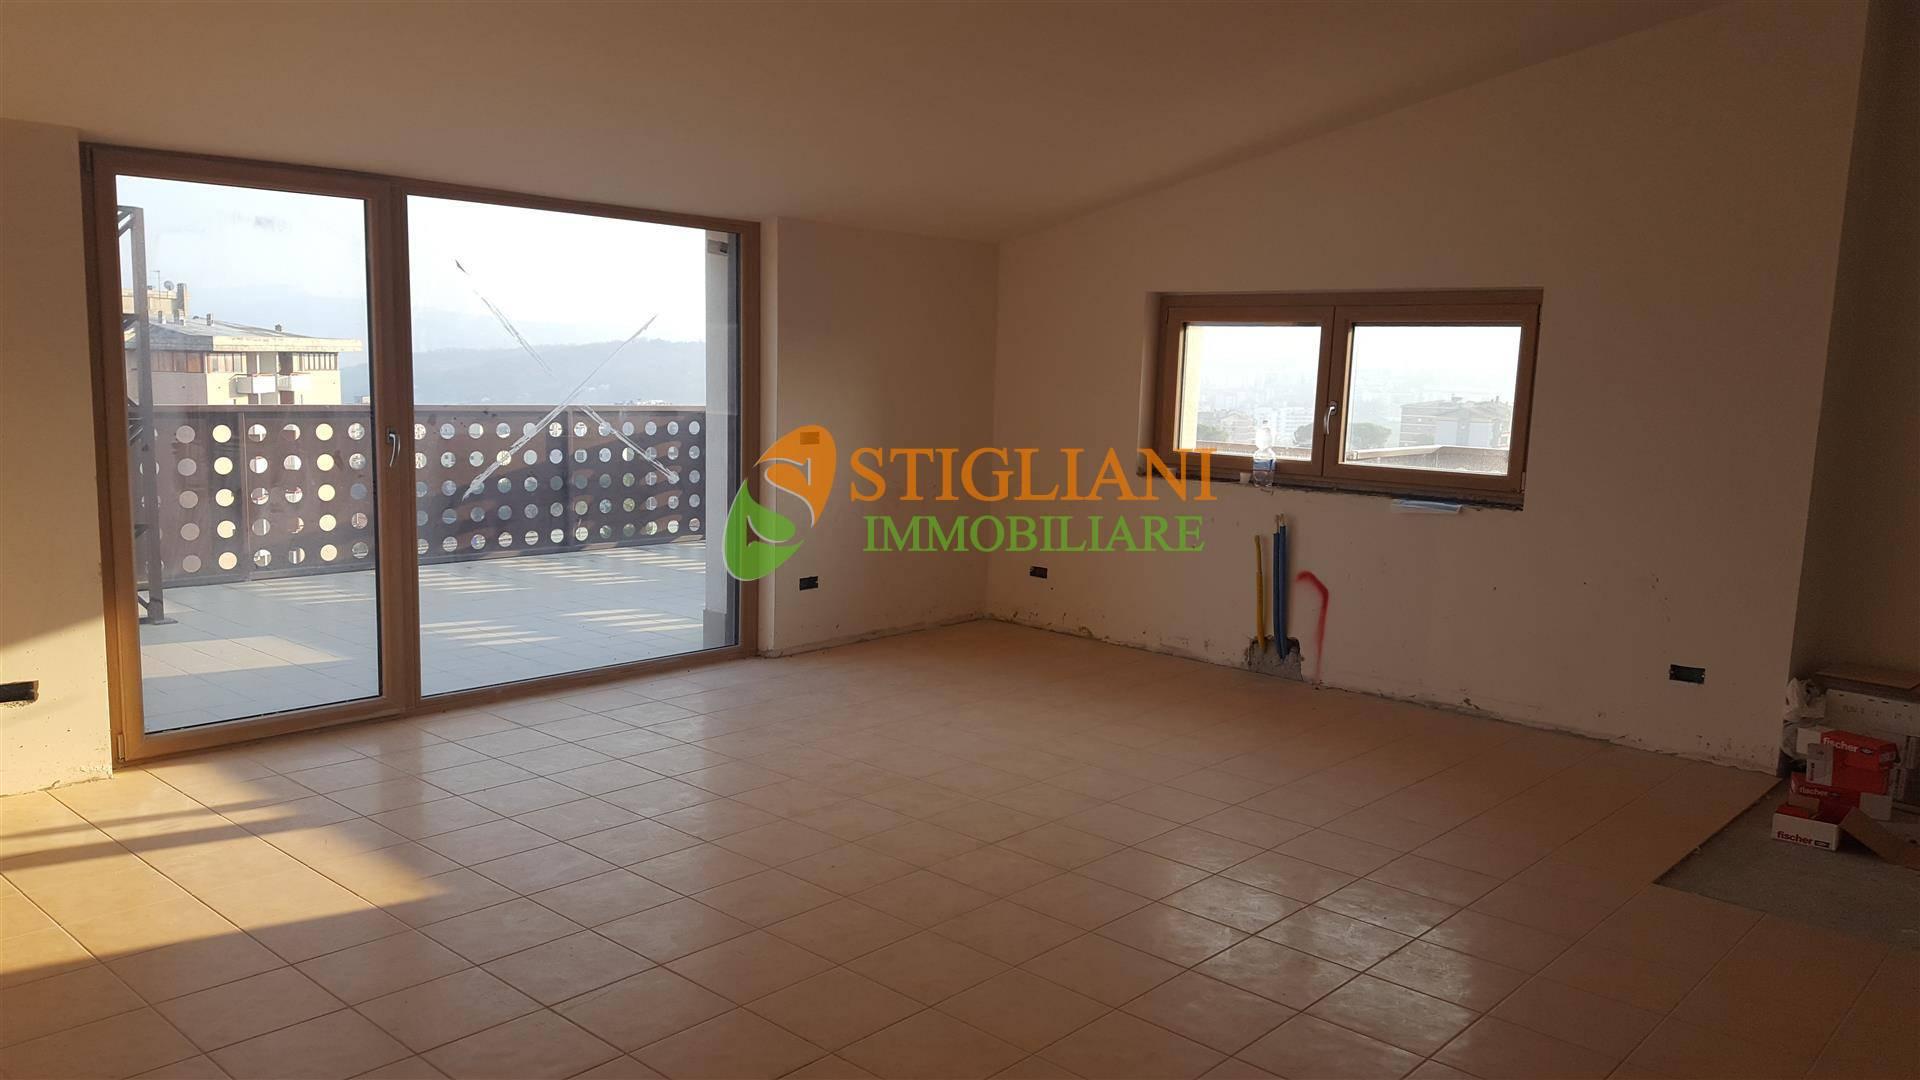 Appartamento in vendita a Campobasso, 3 locali, zona centro, prezzo € 139.000 | PortaleAgenzieImmobiliari.it